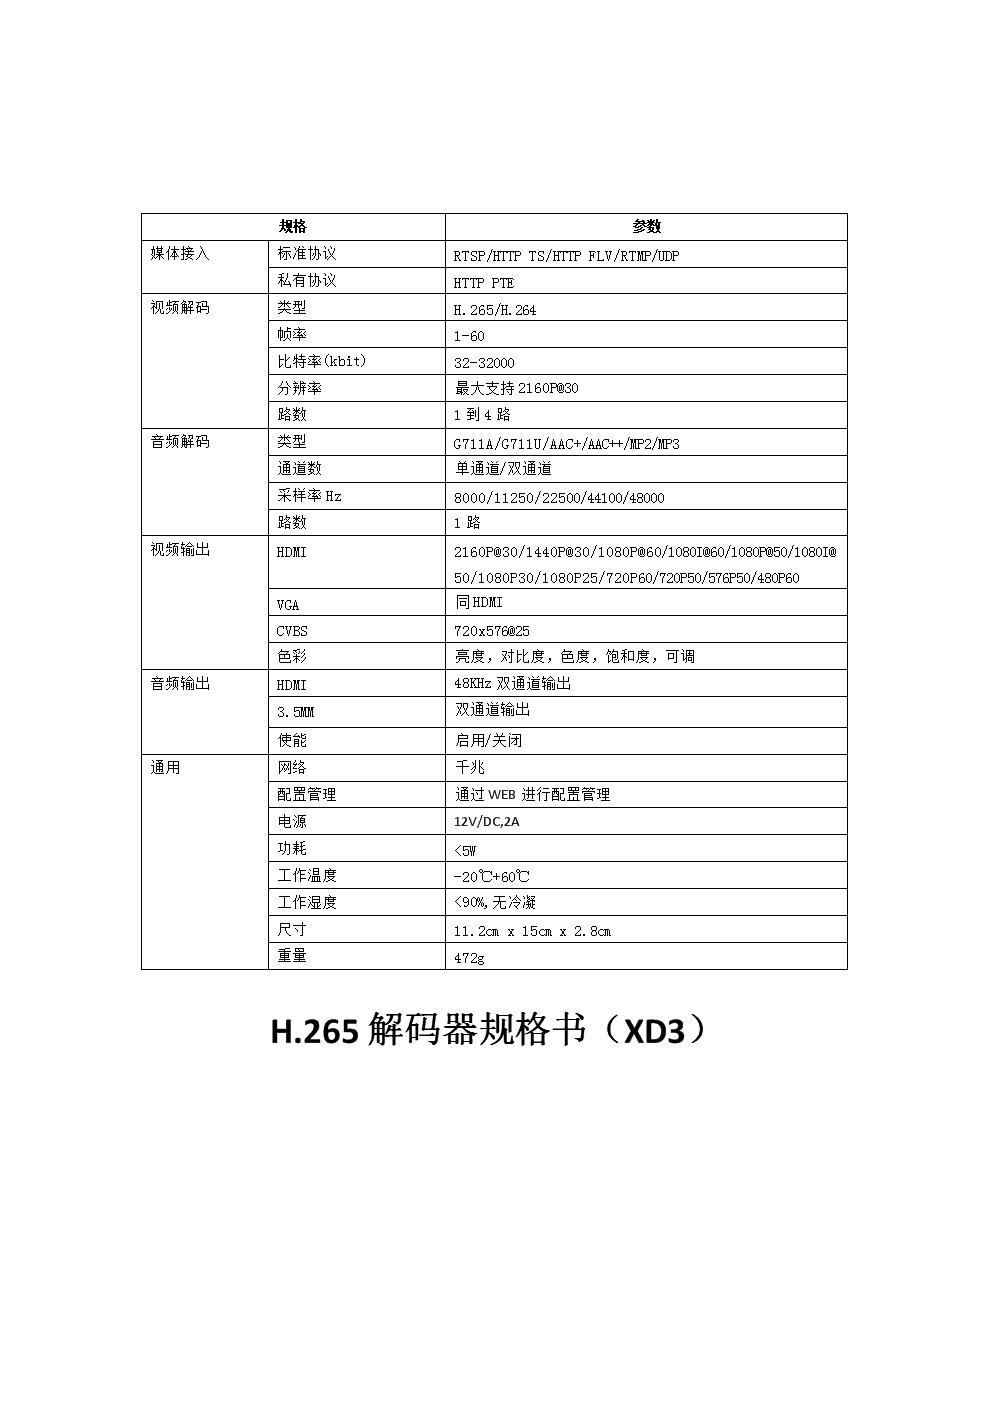 H.265 解码器规格书(XD3).docx